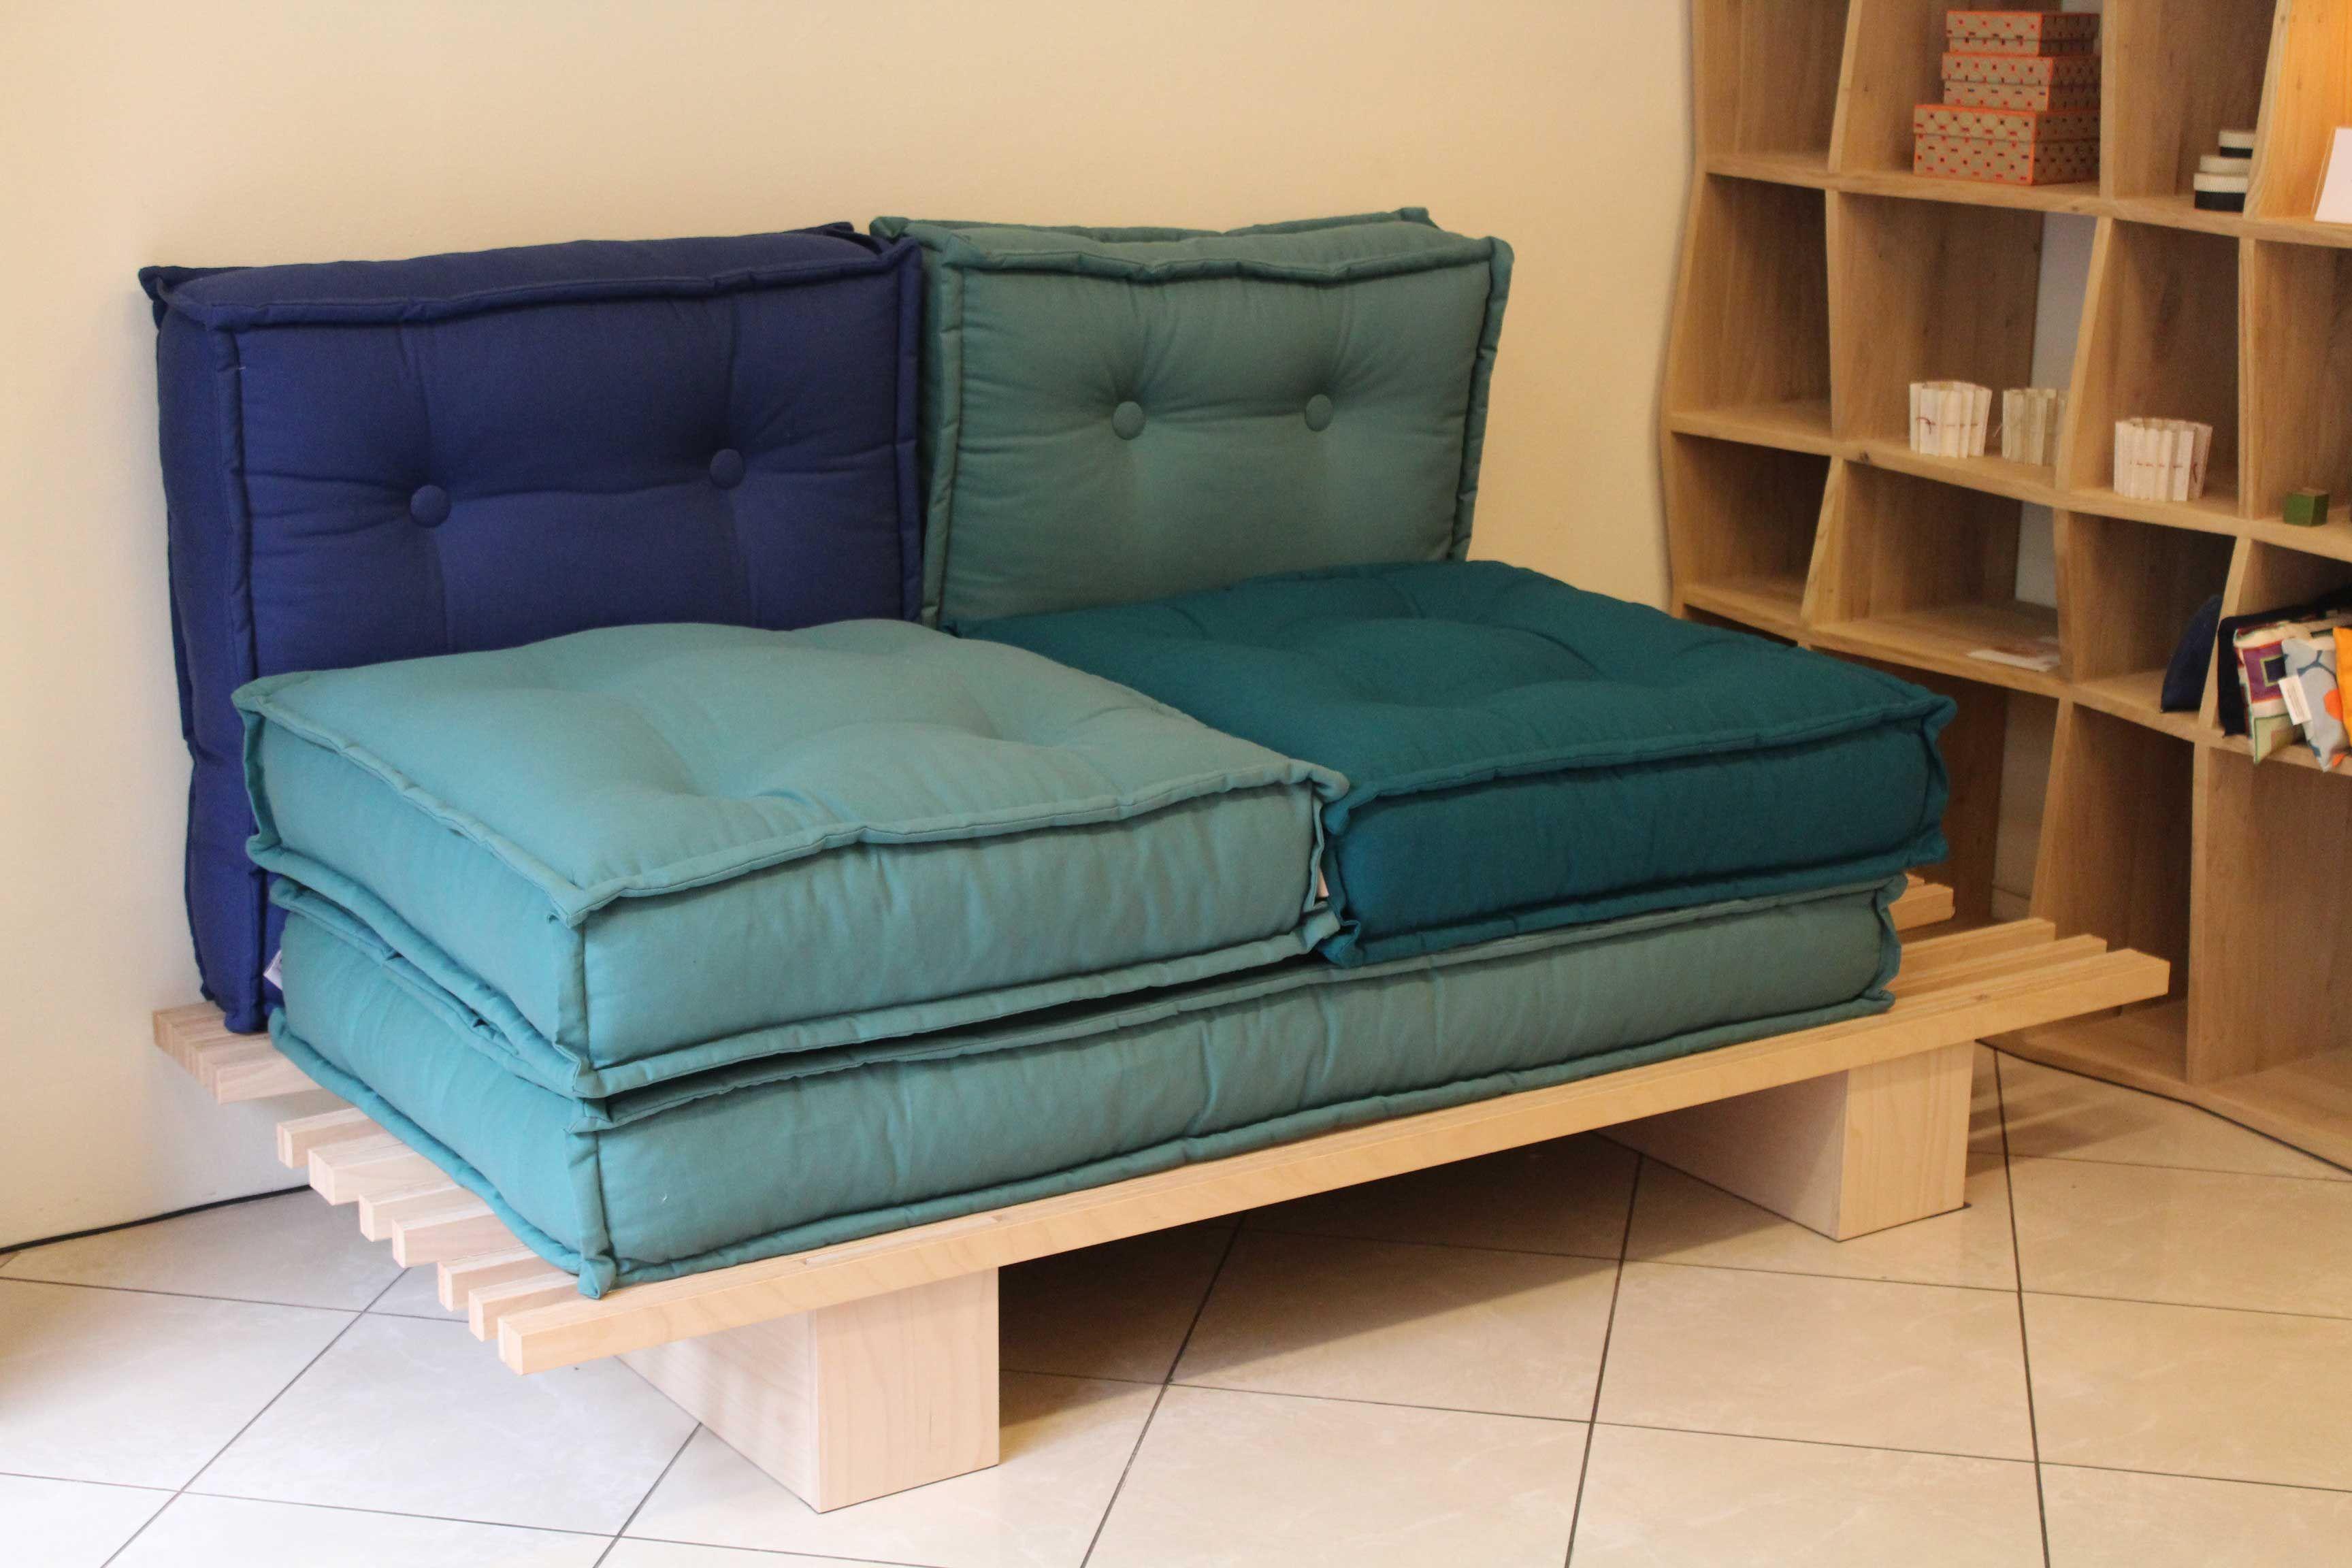 5 cuscini trapuntati che ricordano i vecchi materassi e ti permettono di comporre il tuo divano - Crea il tuo divano ...